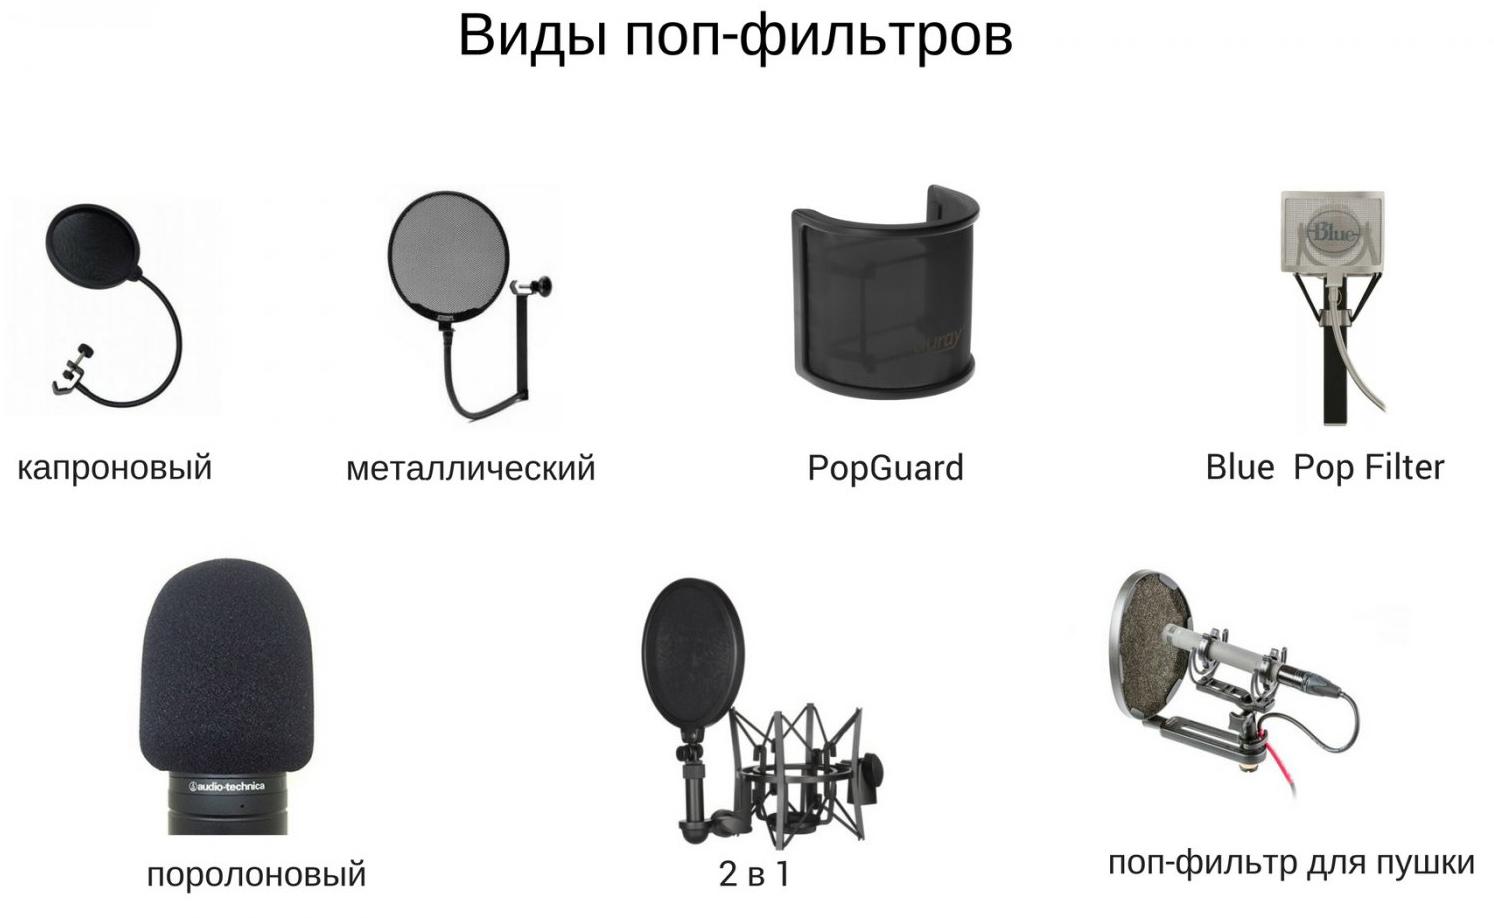 Виды поп-фильтров